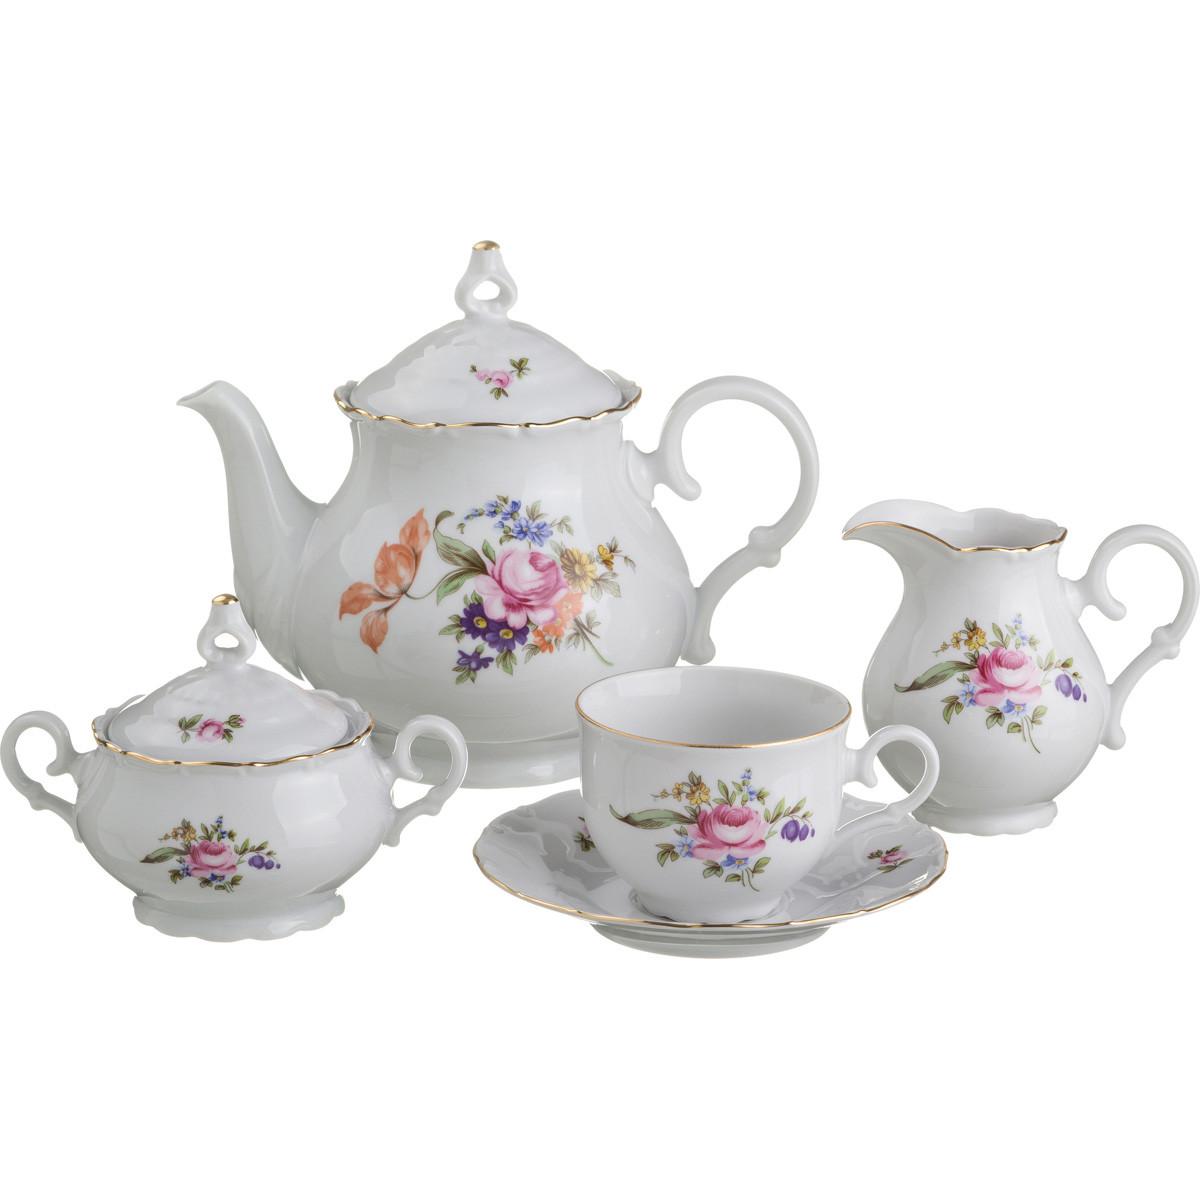 {} M.Z. Чайный сервиз Майсенский Букет (Набор) creative набор для творчества украшаем чайный сервиз